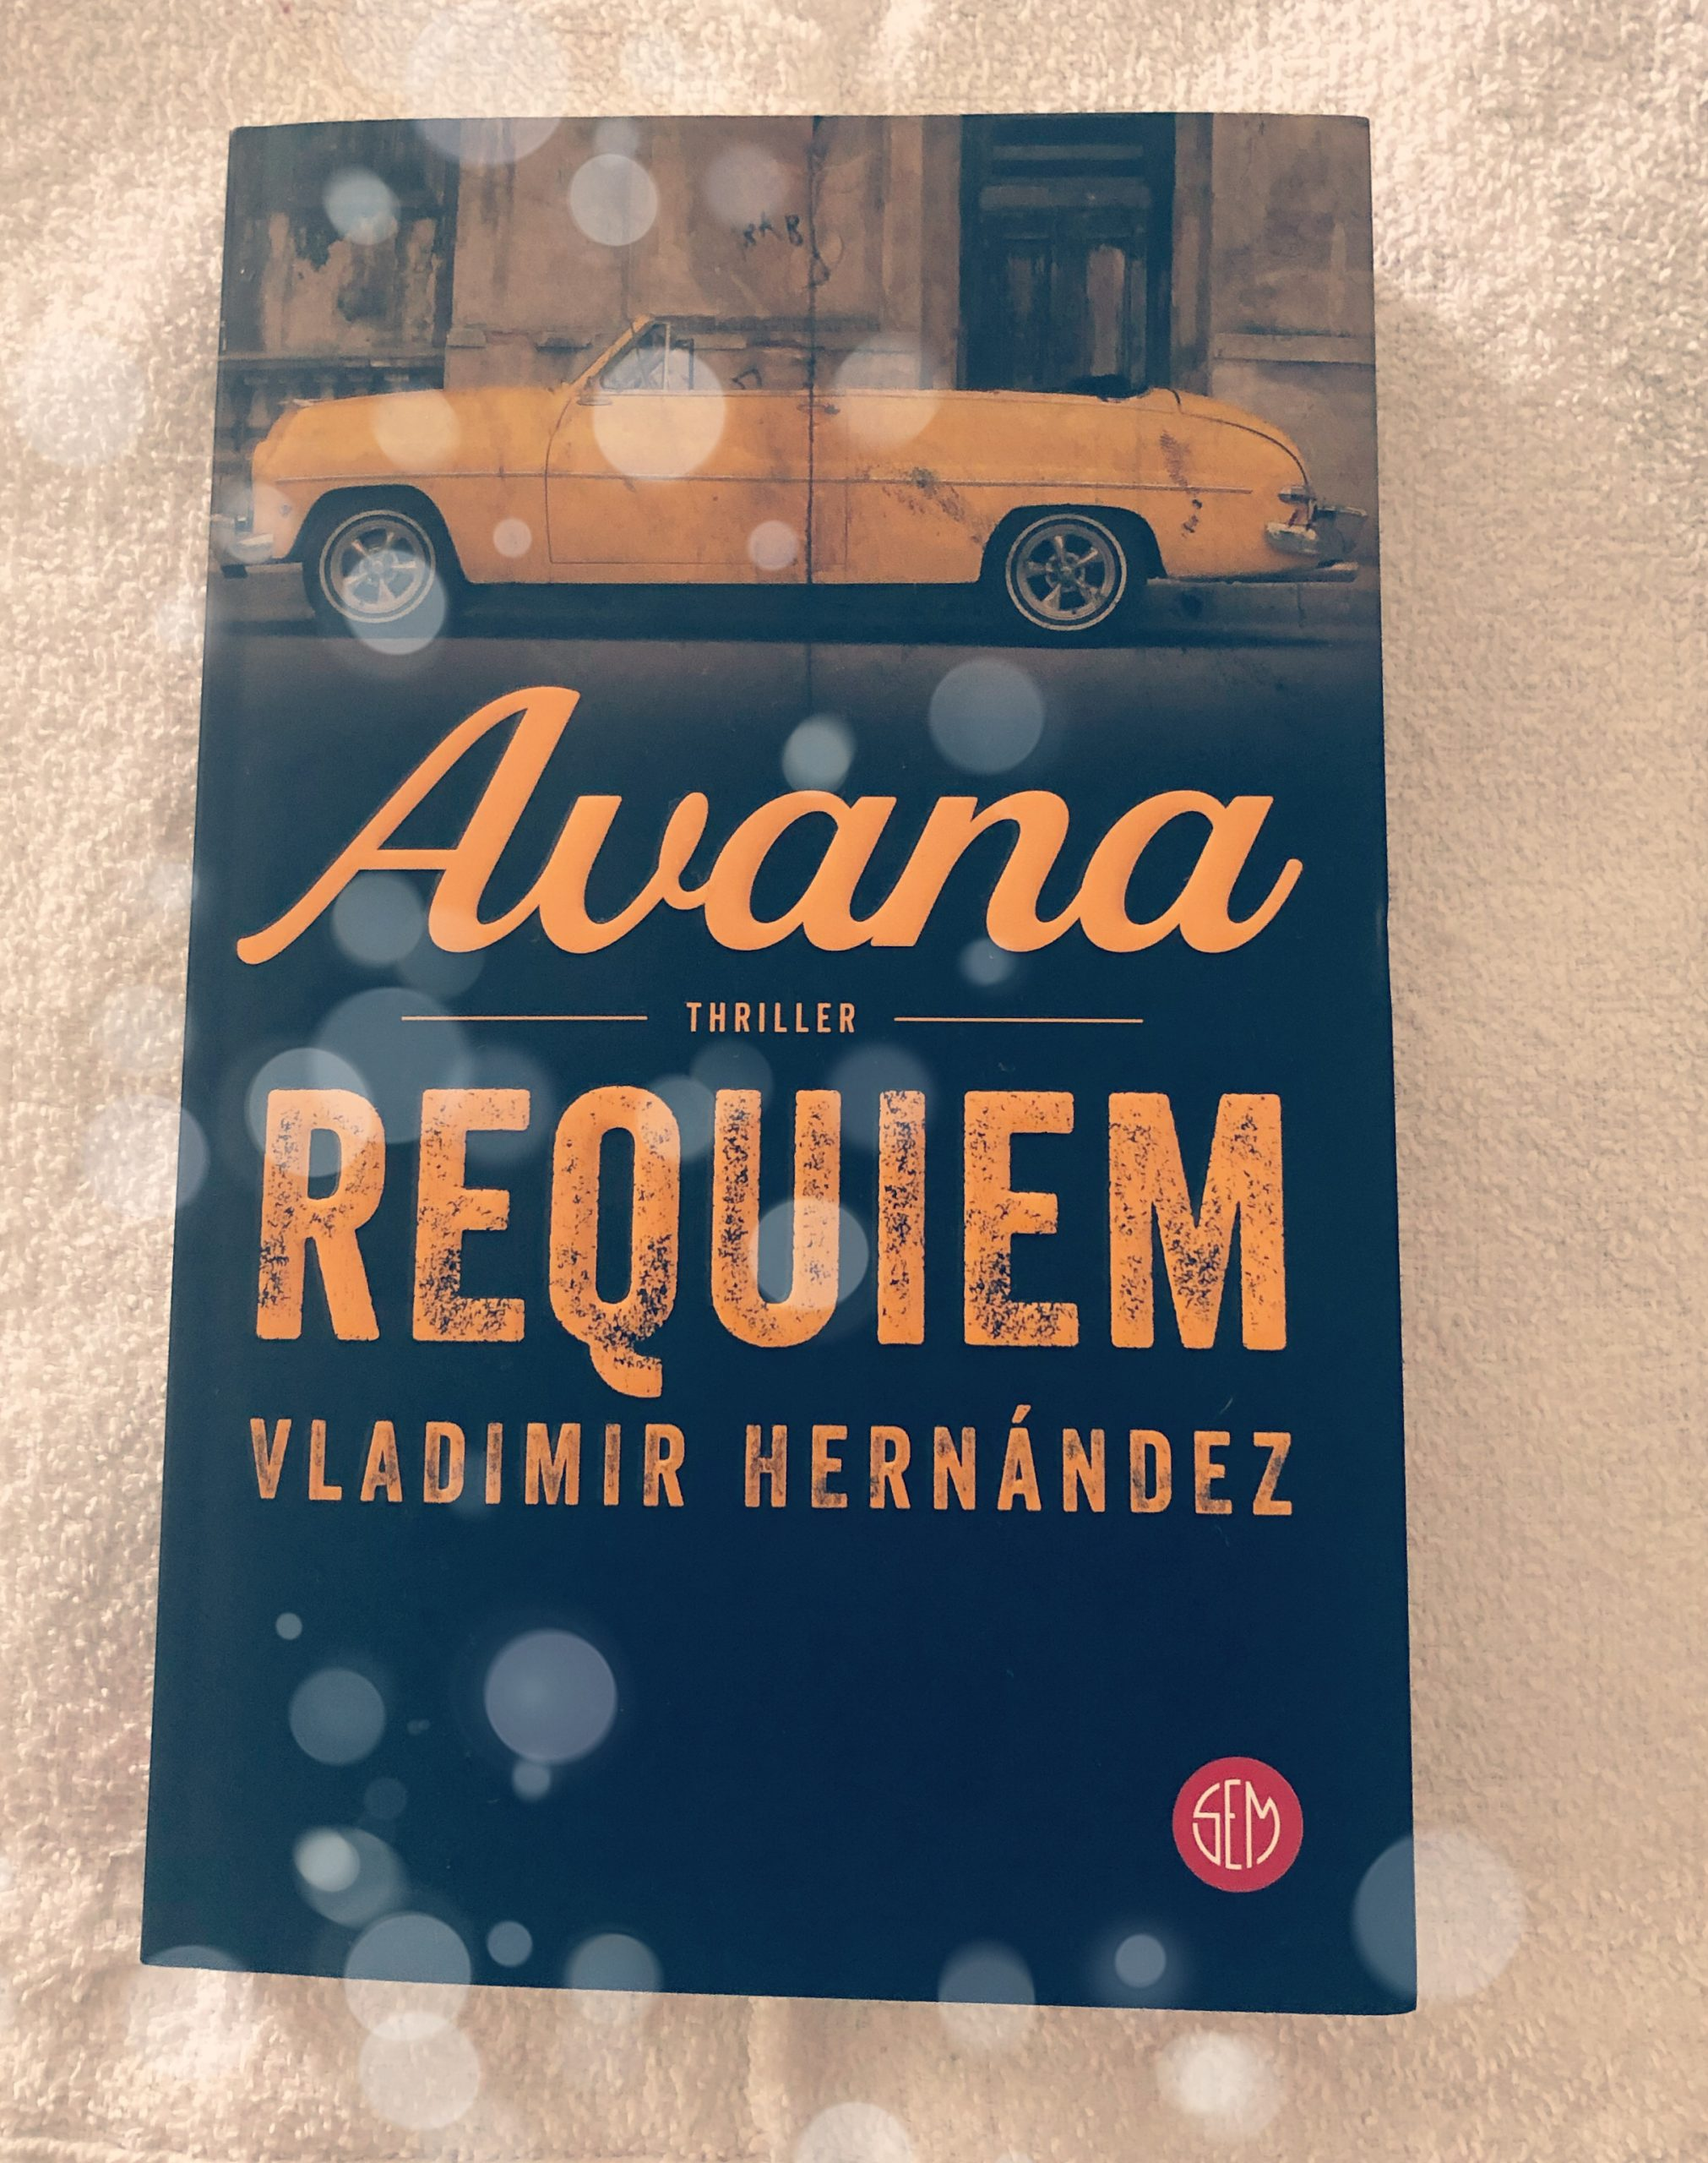 Avana requiem